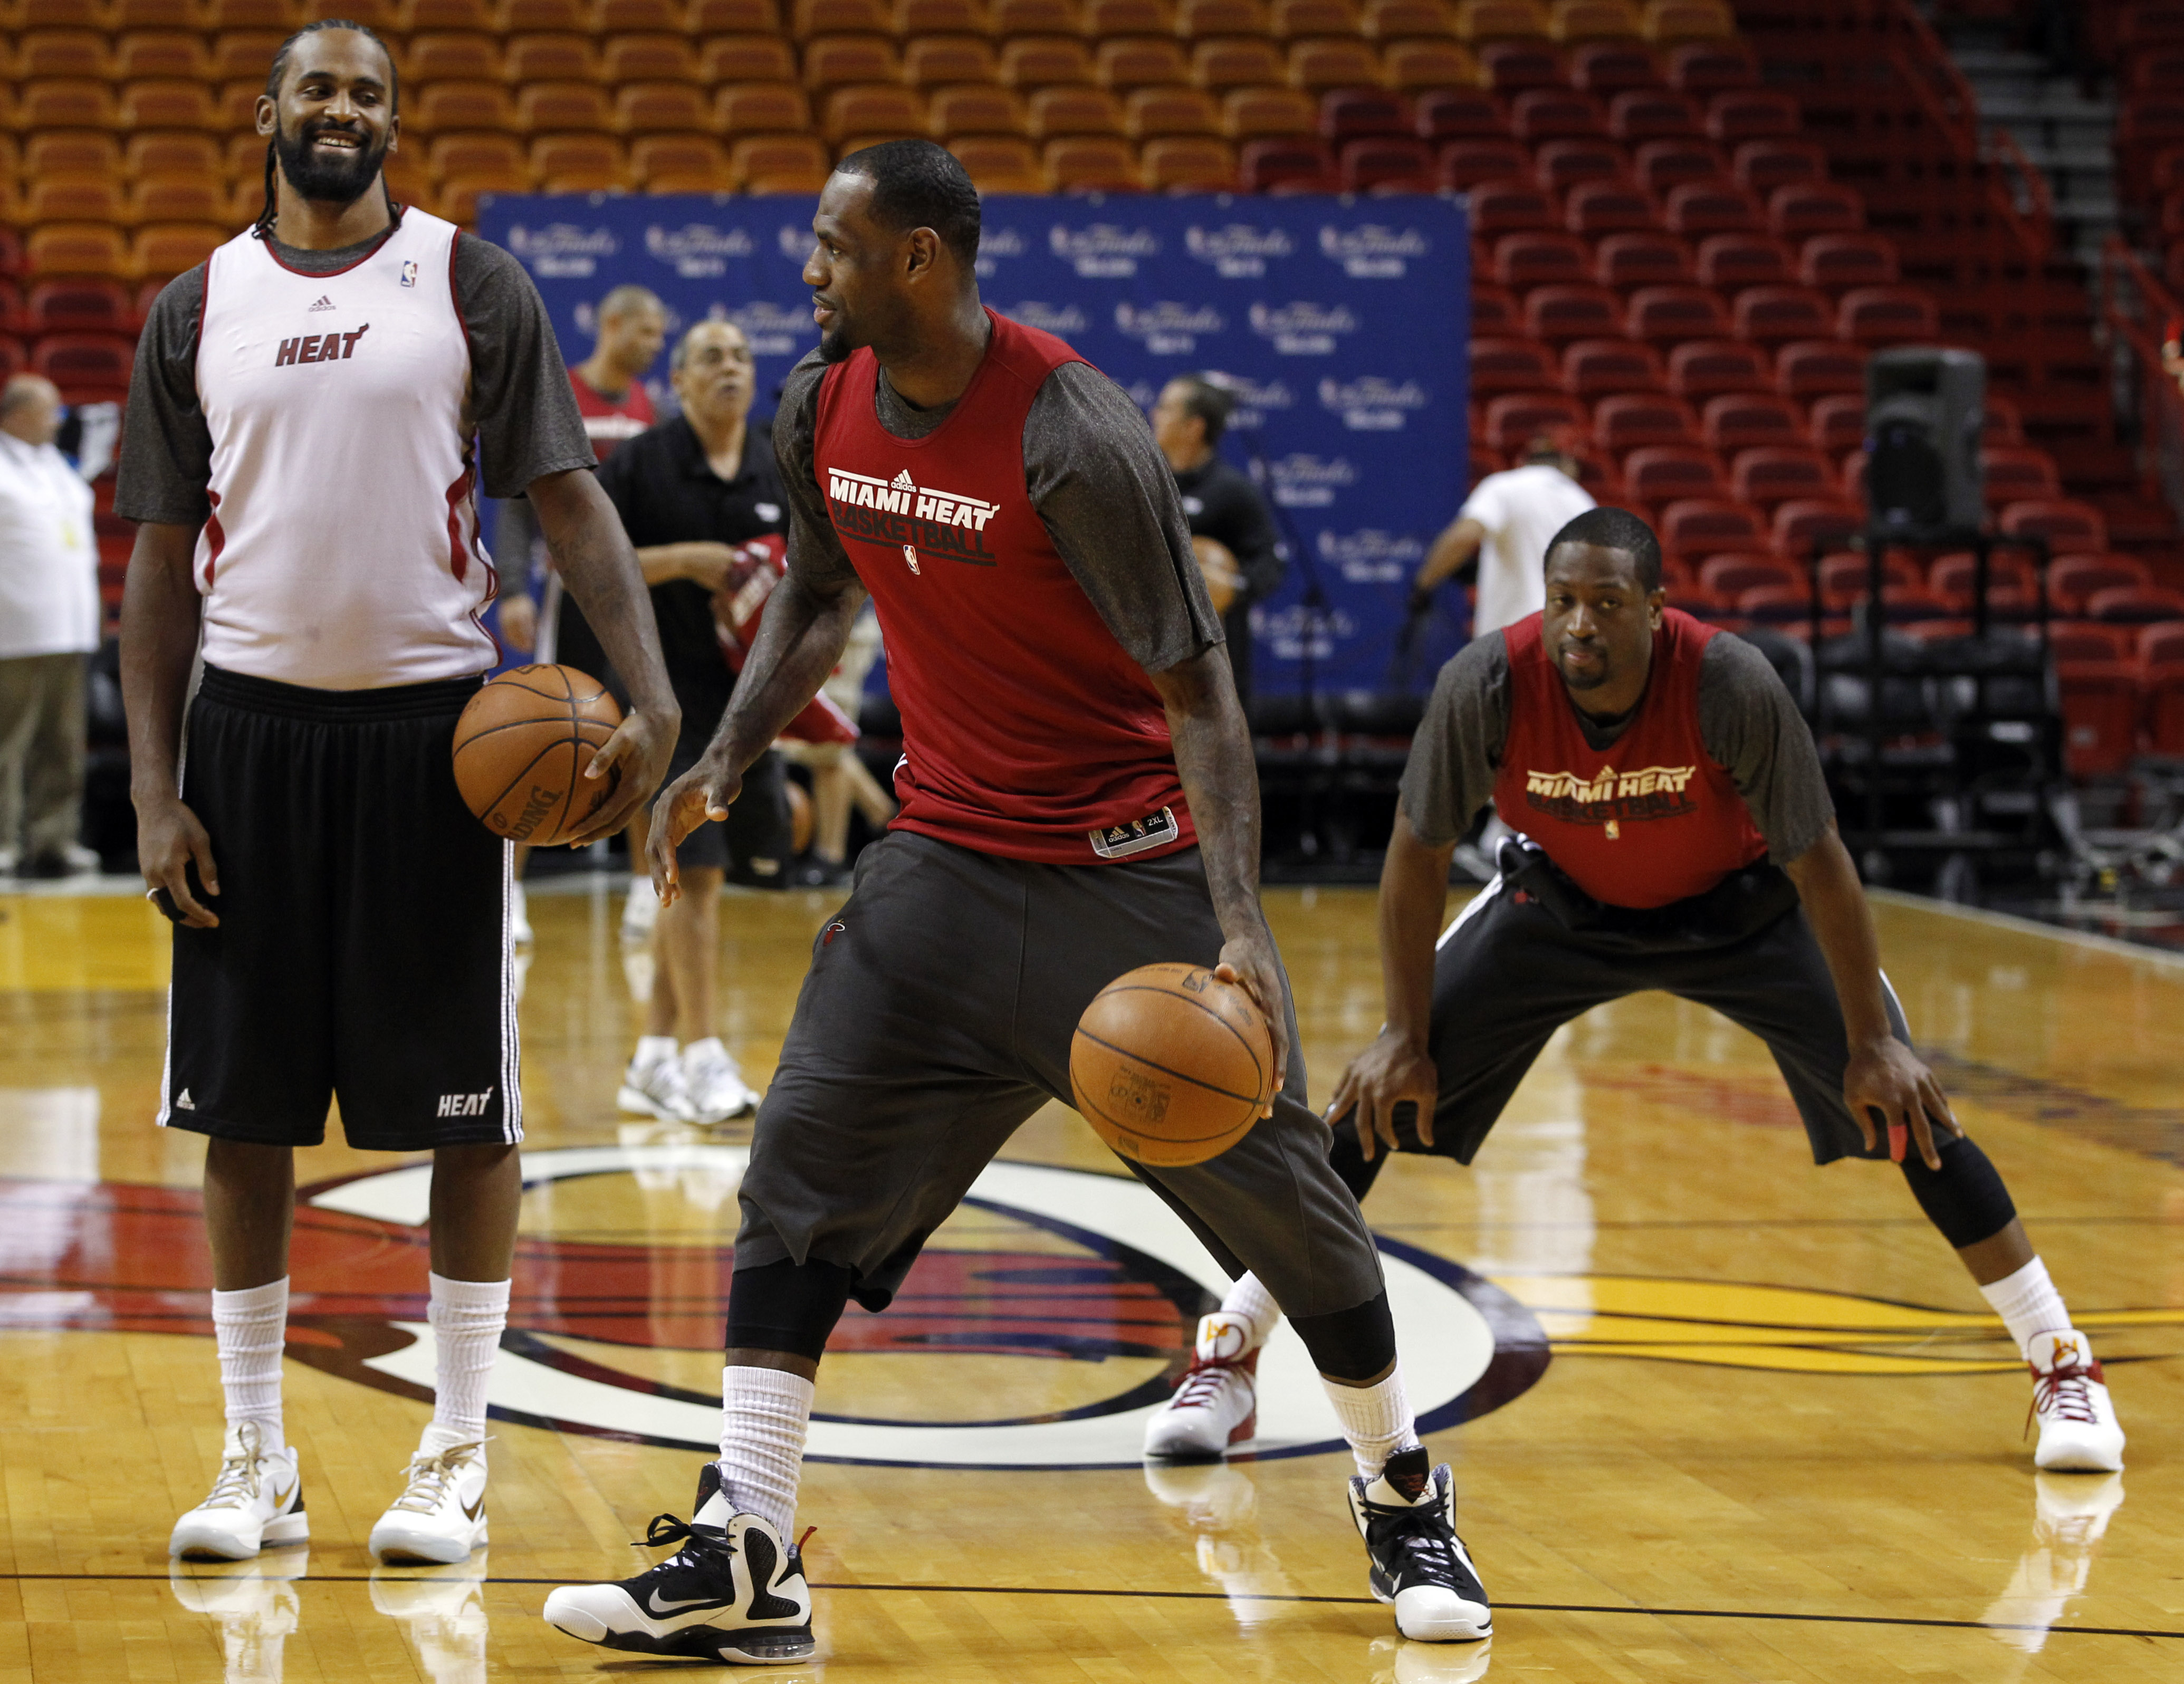 lebron james practice dunk wwwimgkidcom the image